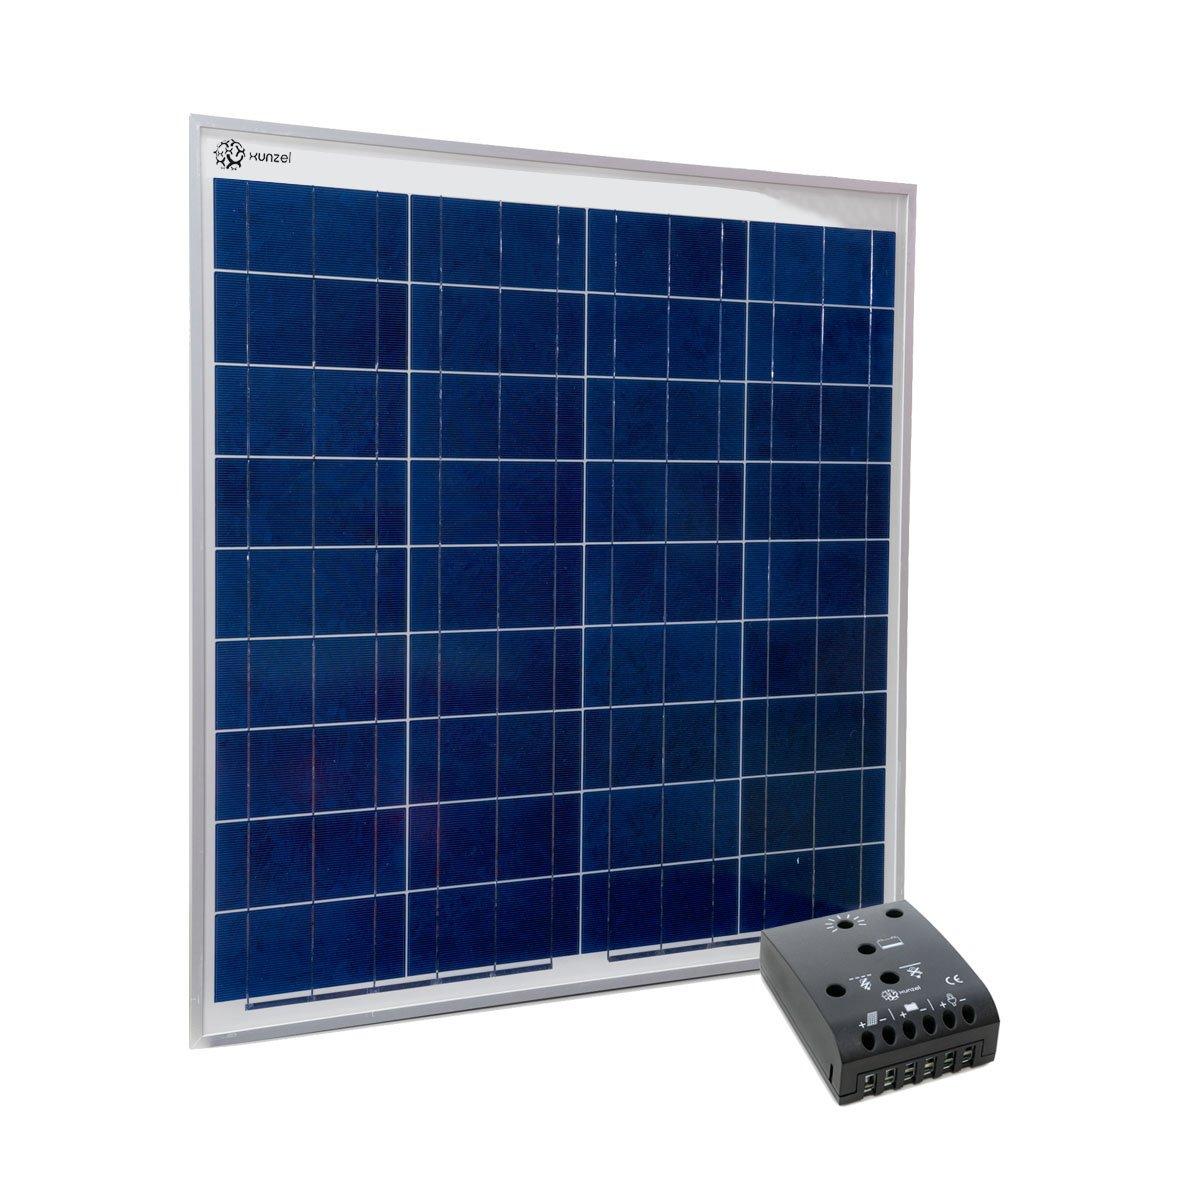 Xunzel 60 W Solar Kit für Ladung von 12 V-Batterien und Gleichstromlasten zu versorgen, 1 Stück, SOLKIT60ZT